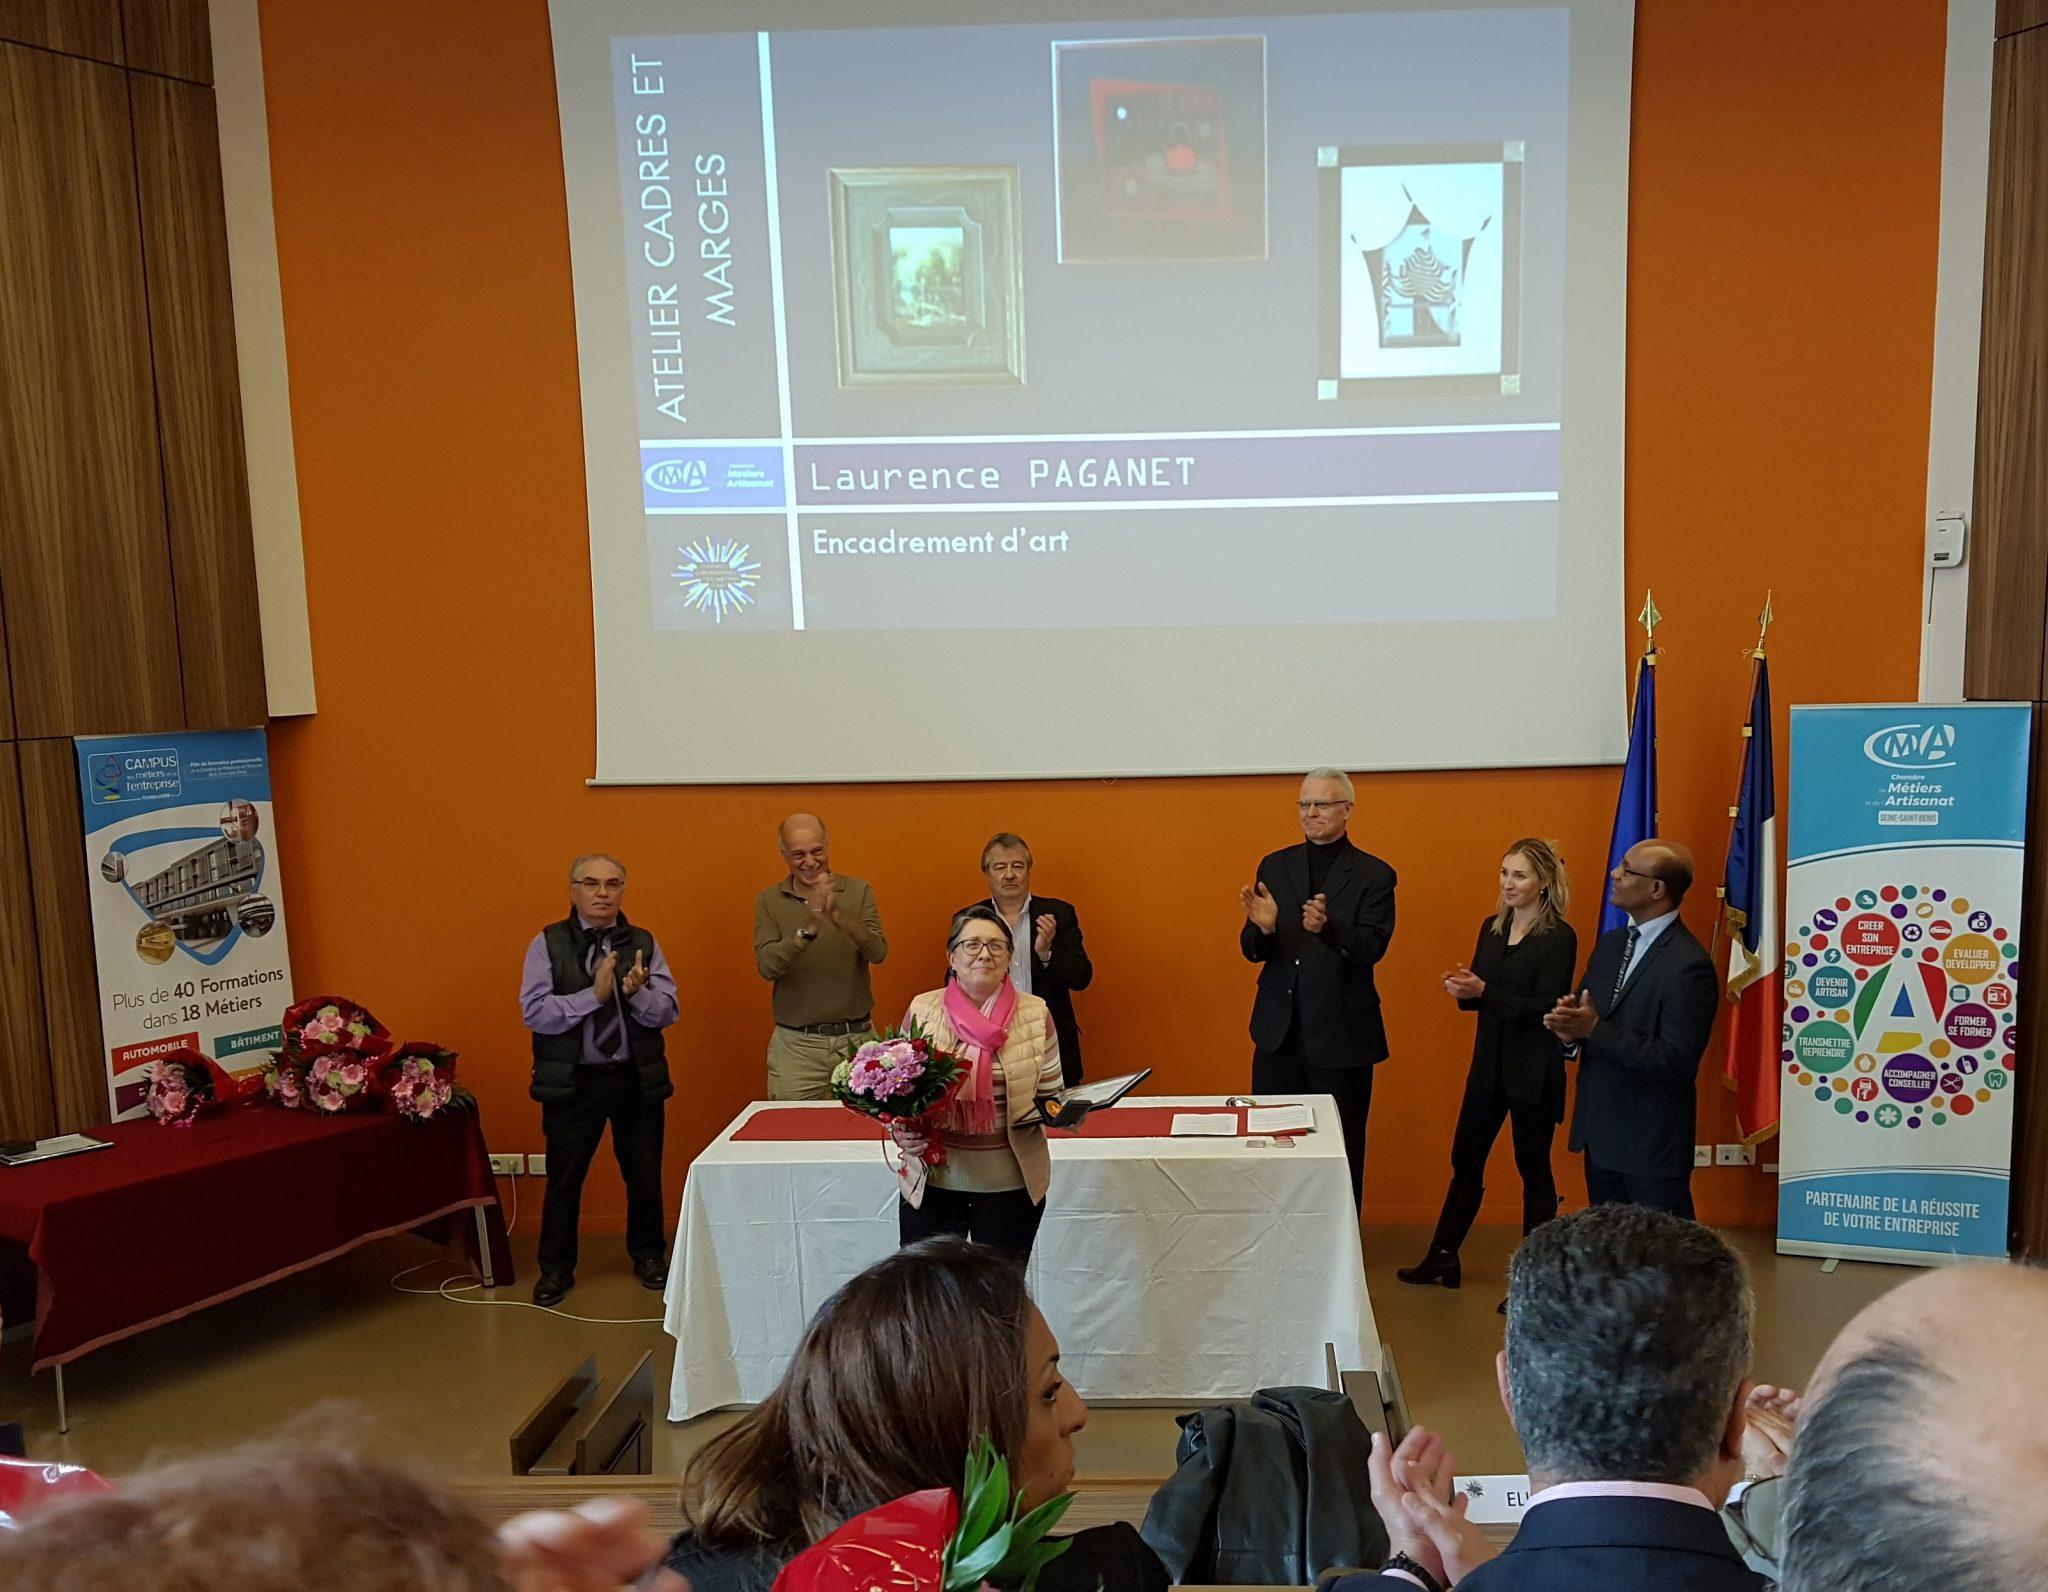 Laurence Paganet reçoit le prix d'excellence en artisanat d'art le 5 avril 2019 à la Chambre de Métiers et d'Artisanat de la Seine-Saint-Denis